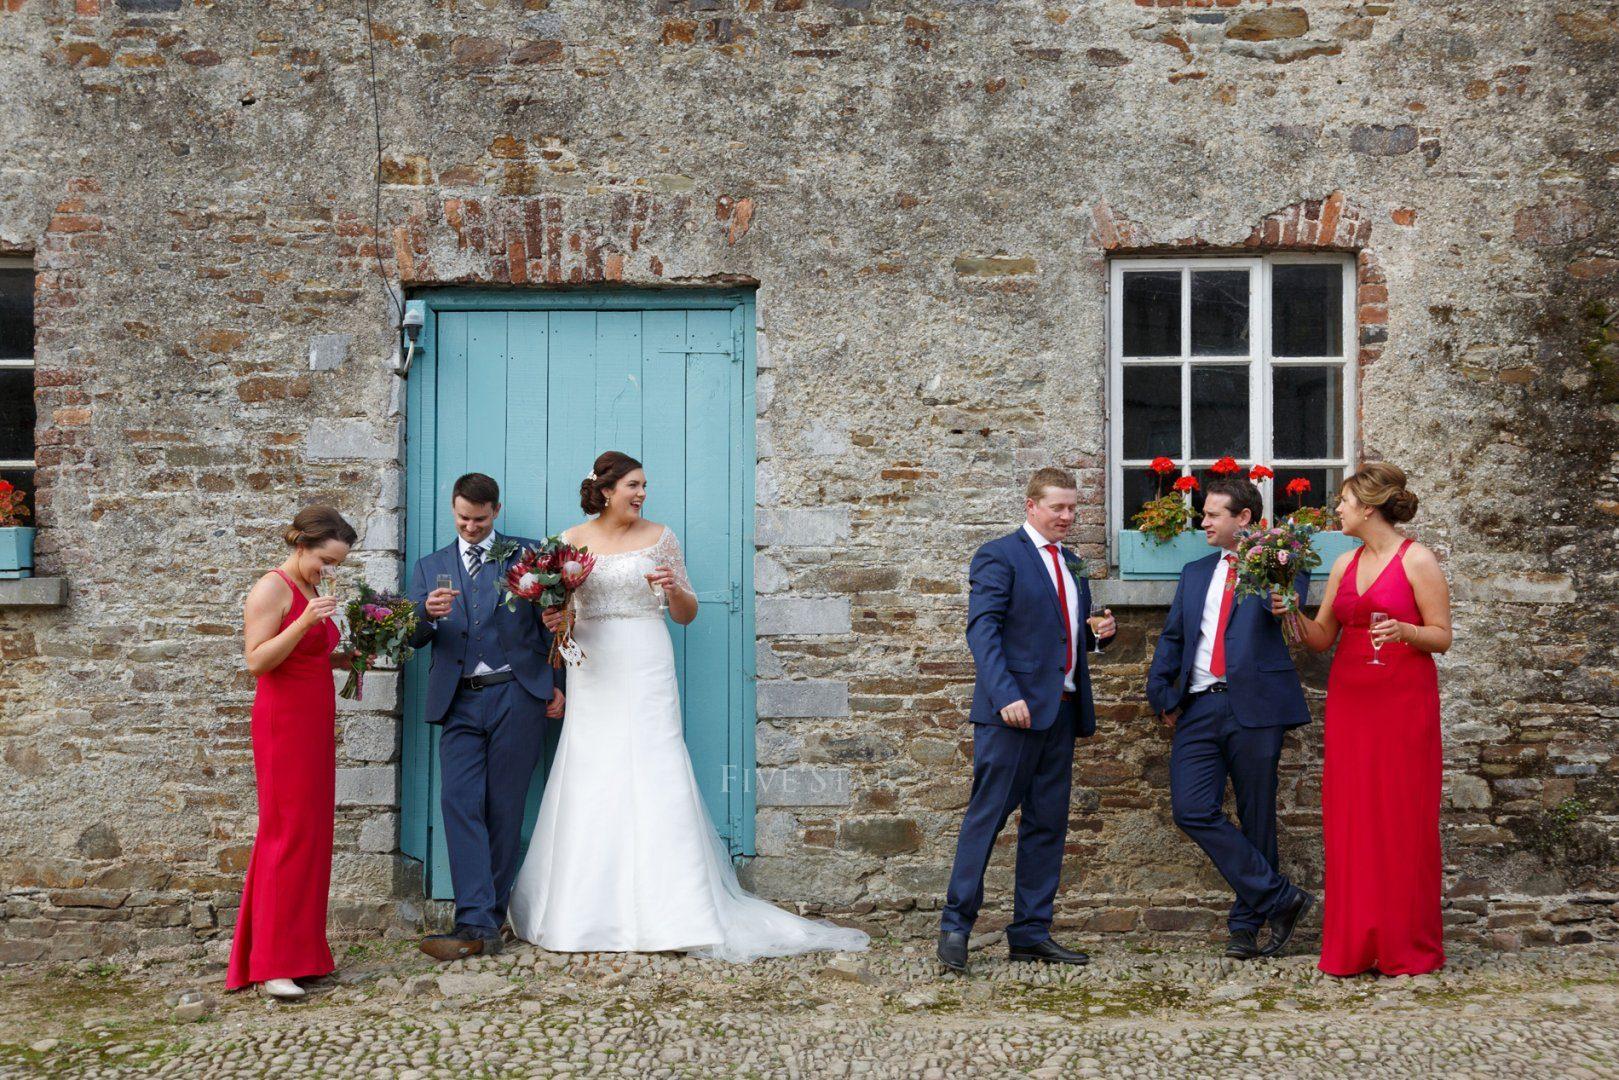 Longueville House Weddings photo 18